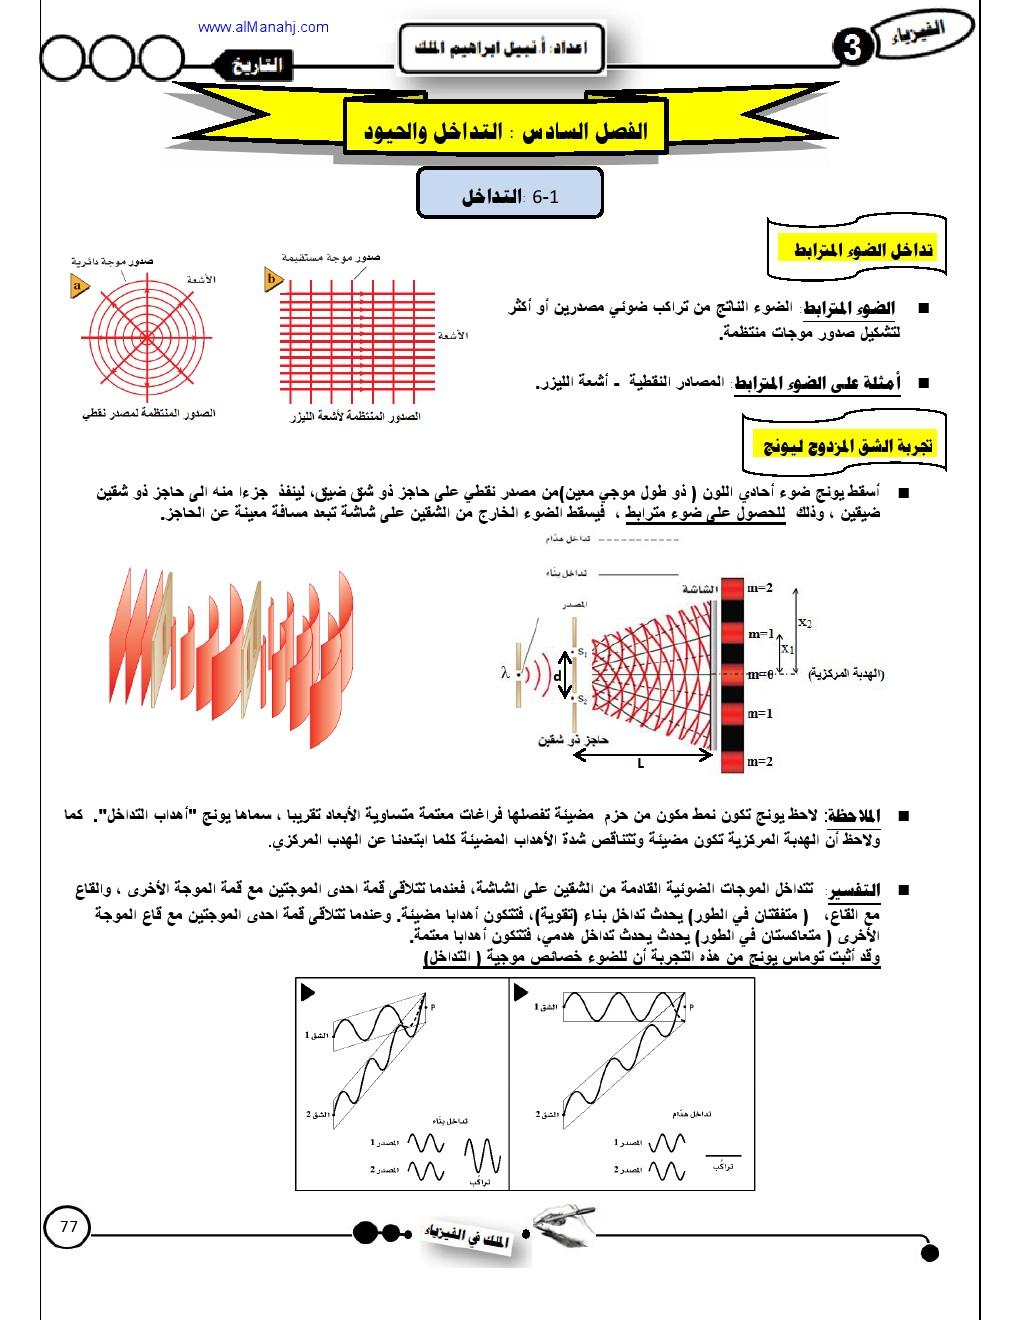 تدريبات متنوعة على التداخل والحيود الصف الثاني عشر فيزياء الفصل الثالث 2017 2018 المناهج الإماراتية